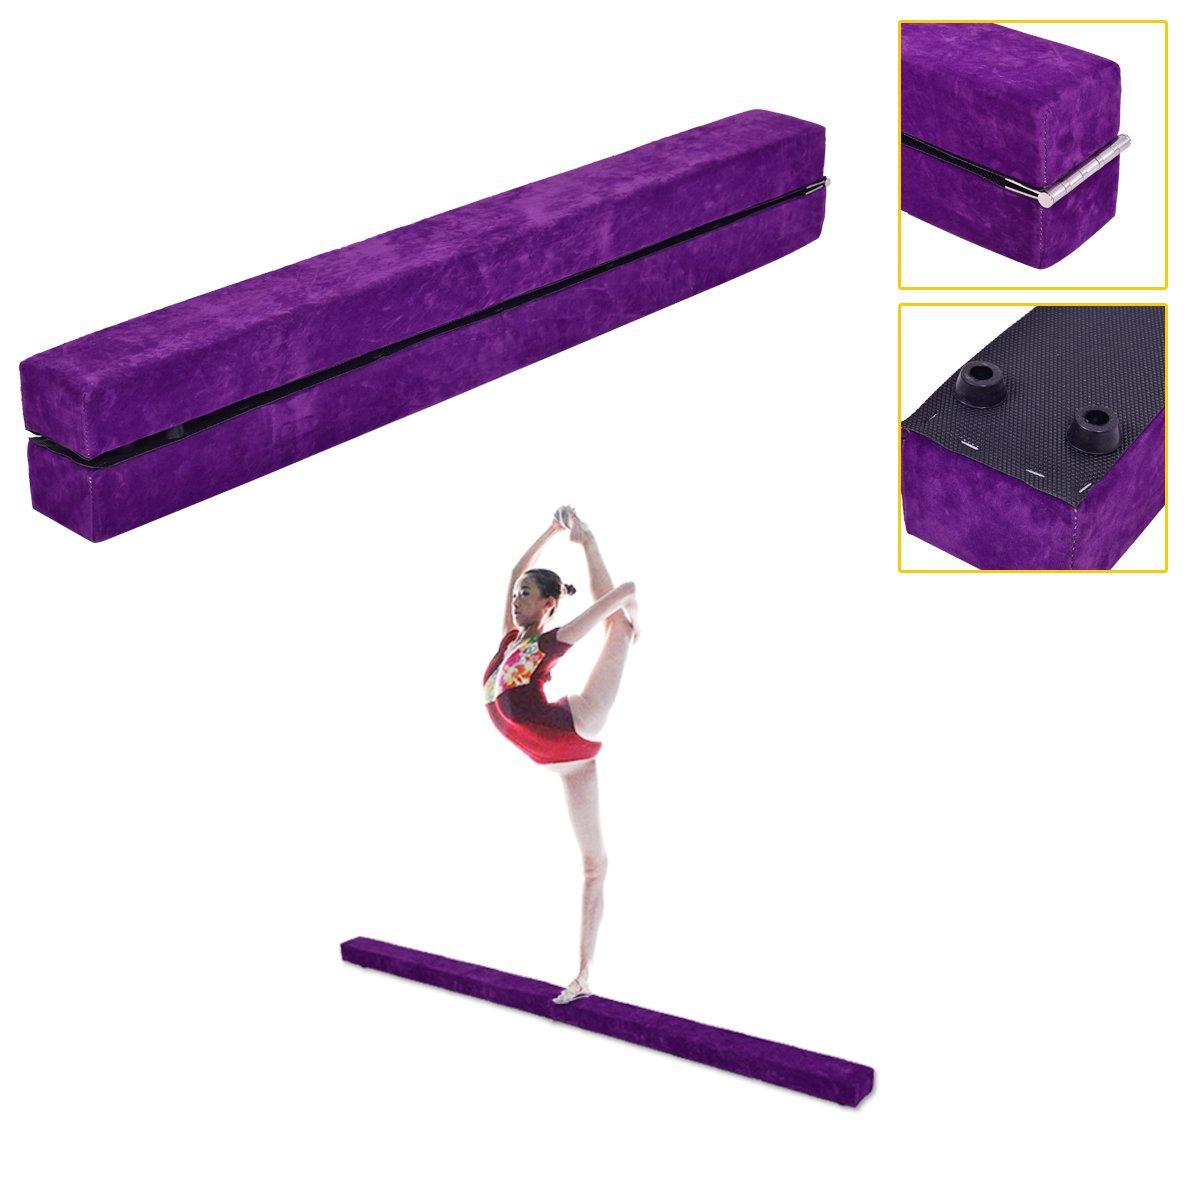 2, 1 m Poutre d'équilibre pliable Gymnastique sectionnelle Compétence Performance Entraînement Blitzzauber24